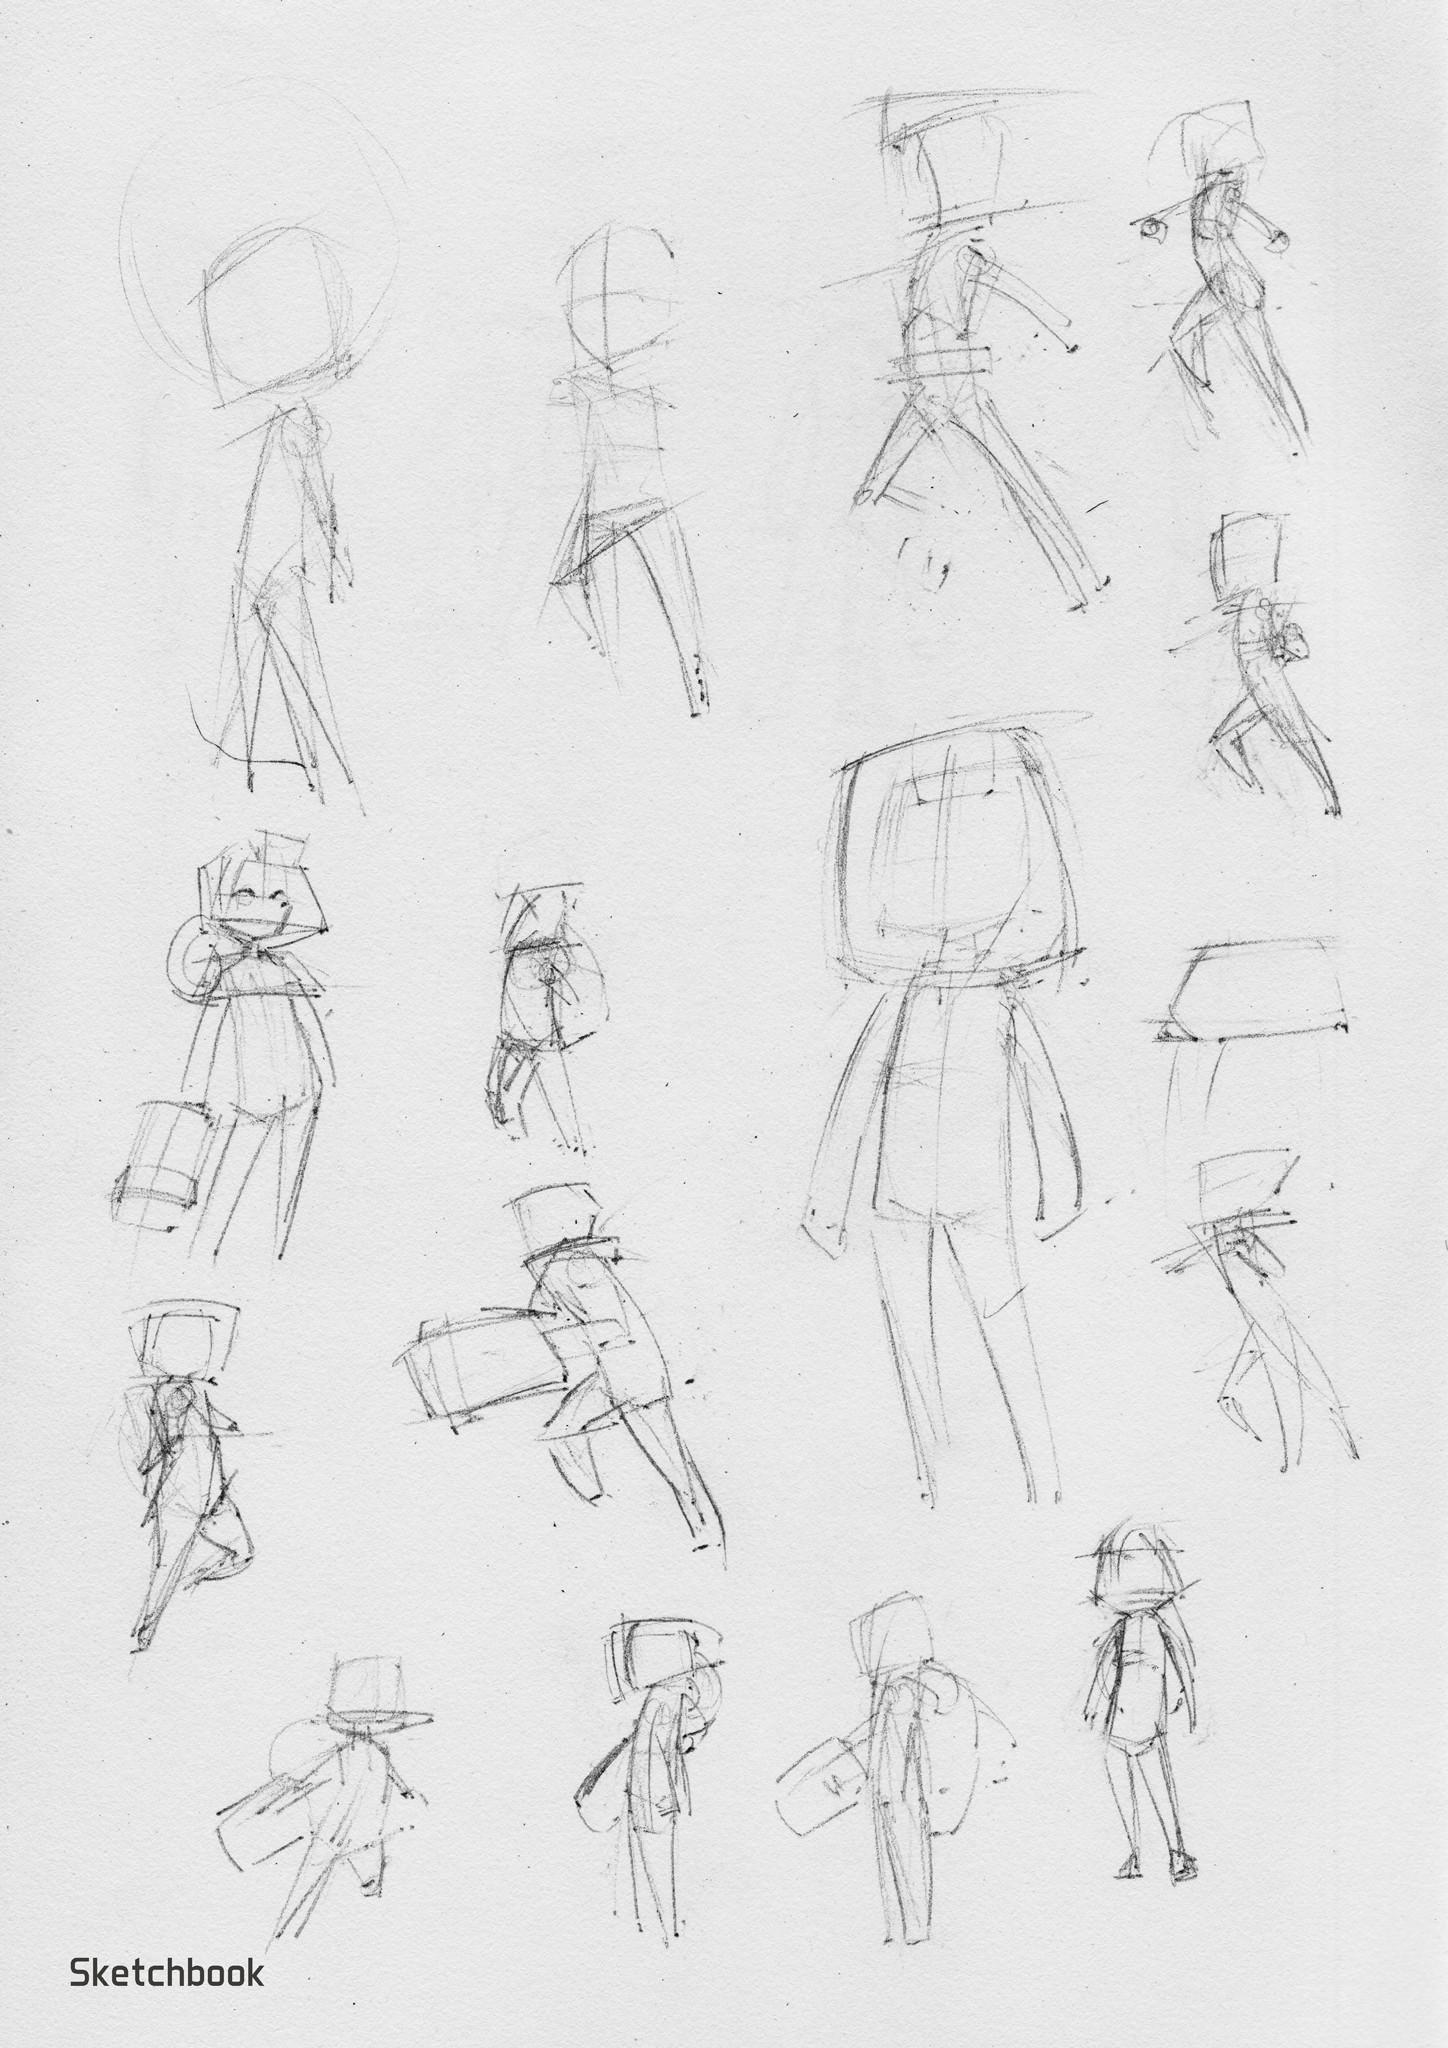 Eyal degabli scavenger 01 sketchbook